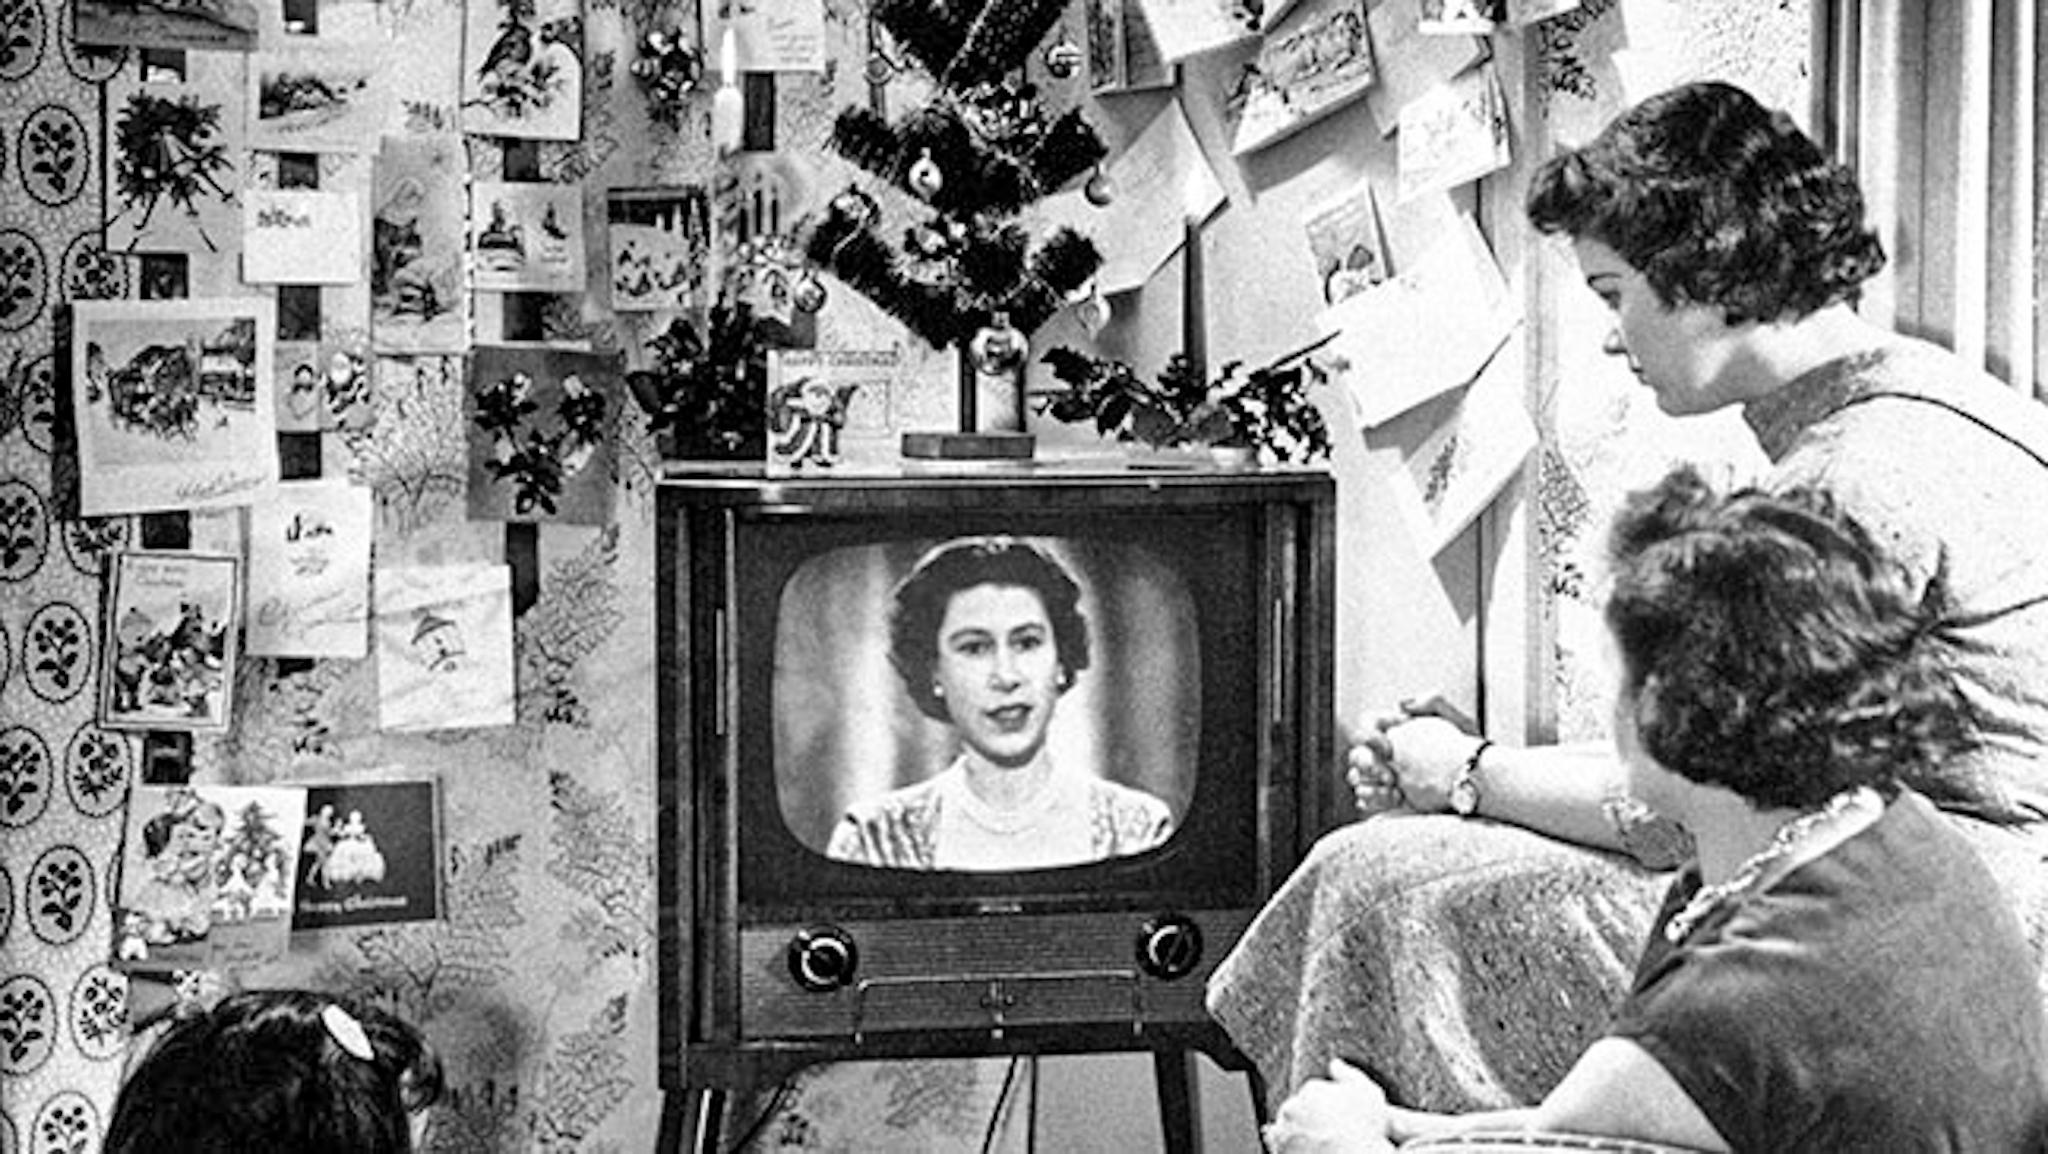 CÓMO SE CELEBRA LA NAVIDAD EN LONDRES: IMAGEN DEL PRIMER DISCURSO TELEVISADO DE LA REINA EN 1957